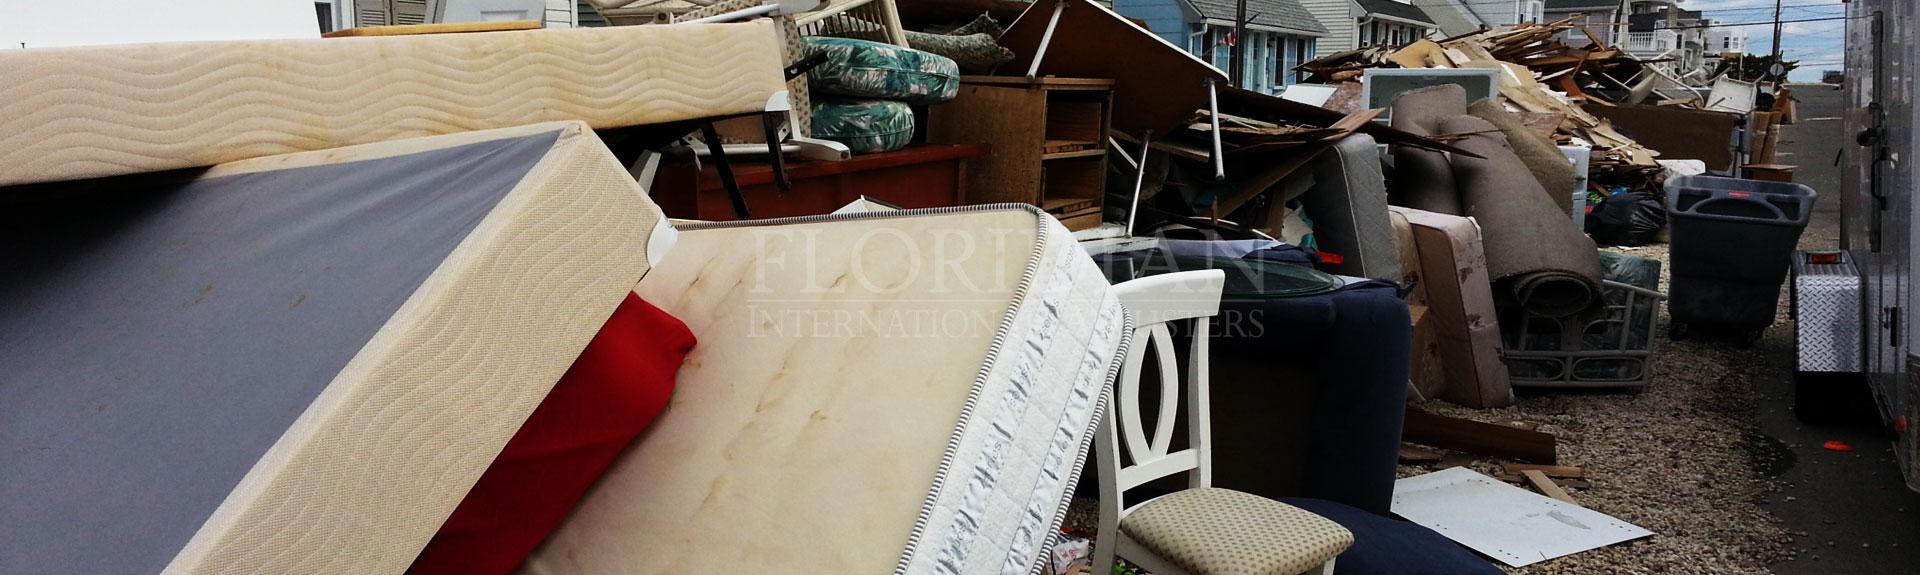 Property Damage - Public Adjuster | Insurance Claim